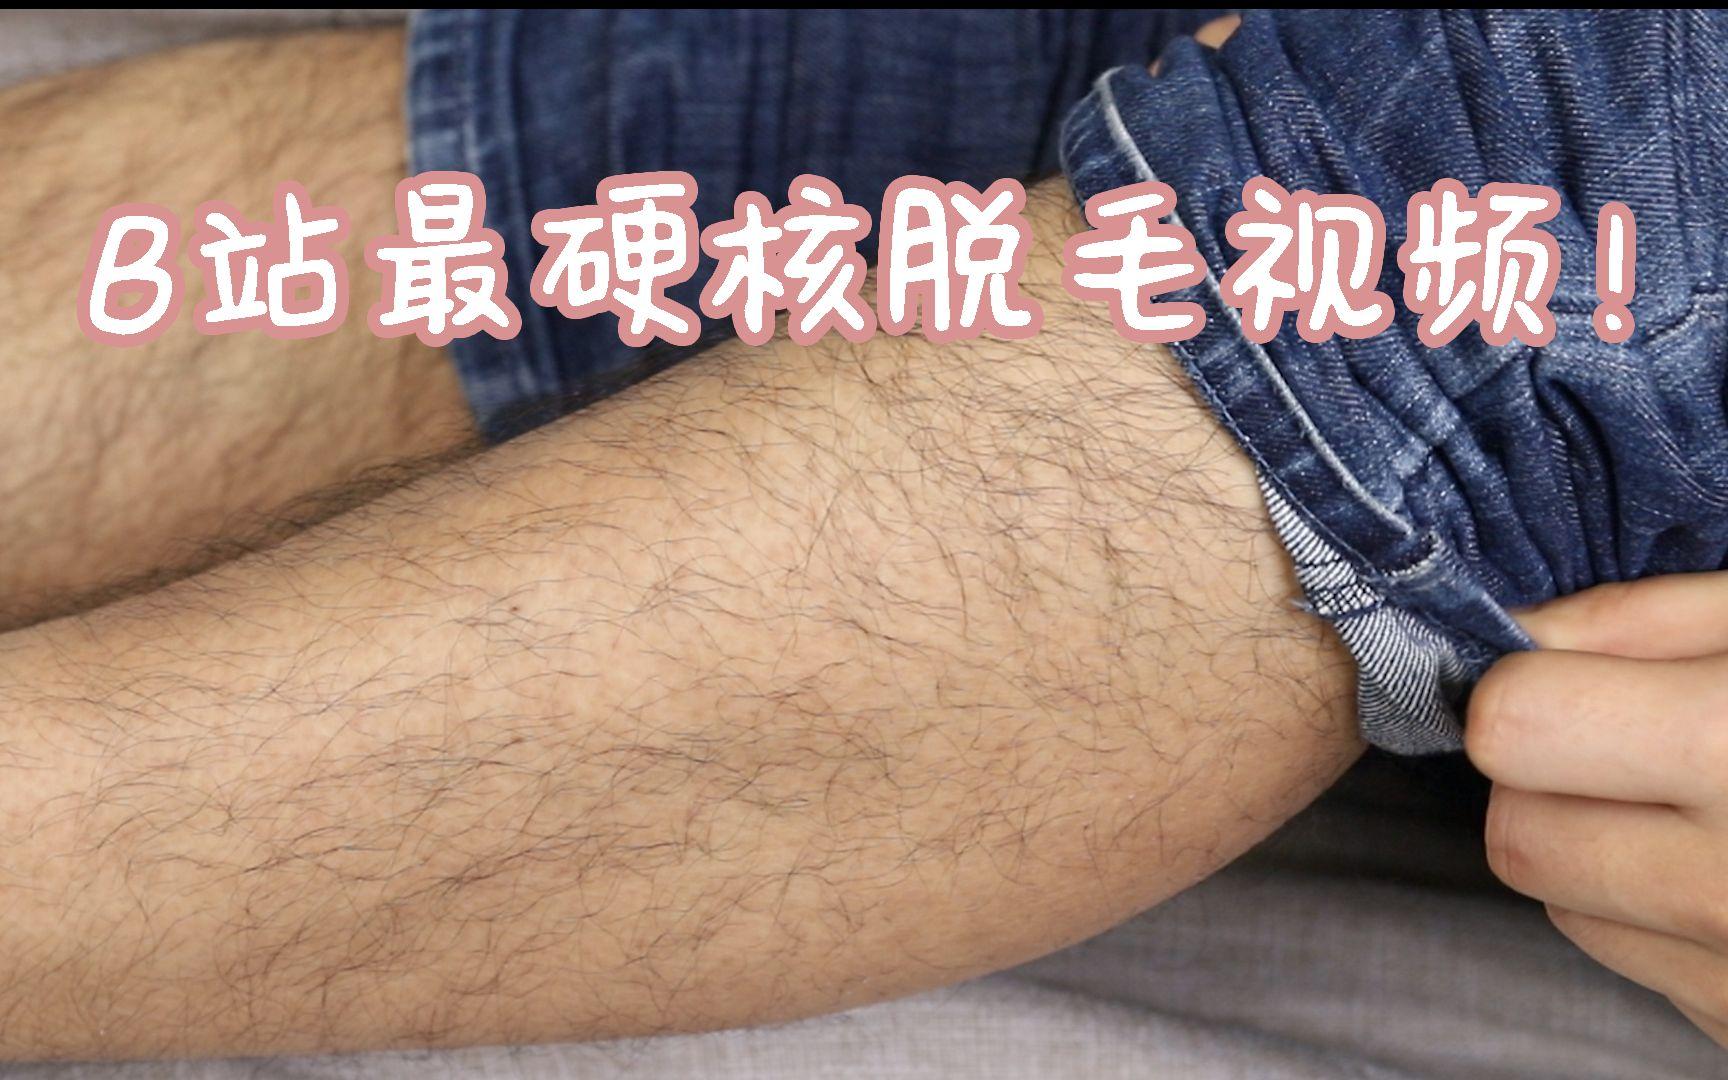 美妆界的泥石流!给男人脱腿毛,四款脱毛仪真人实测!